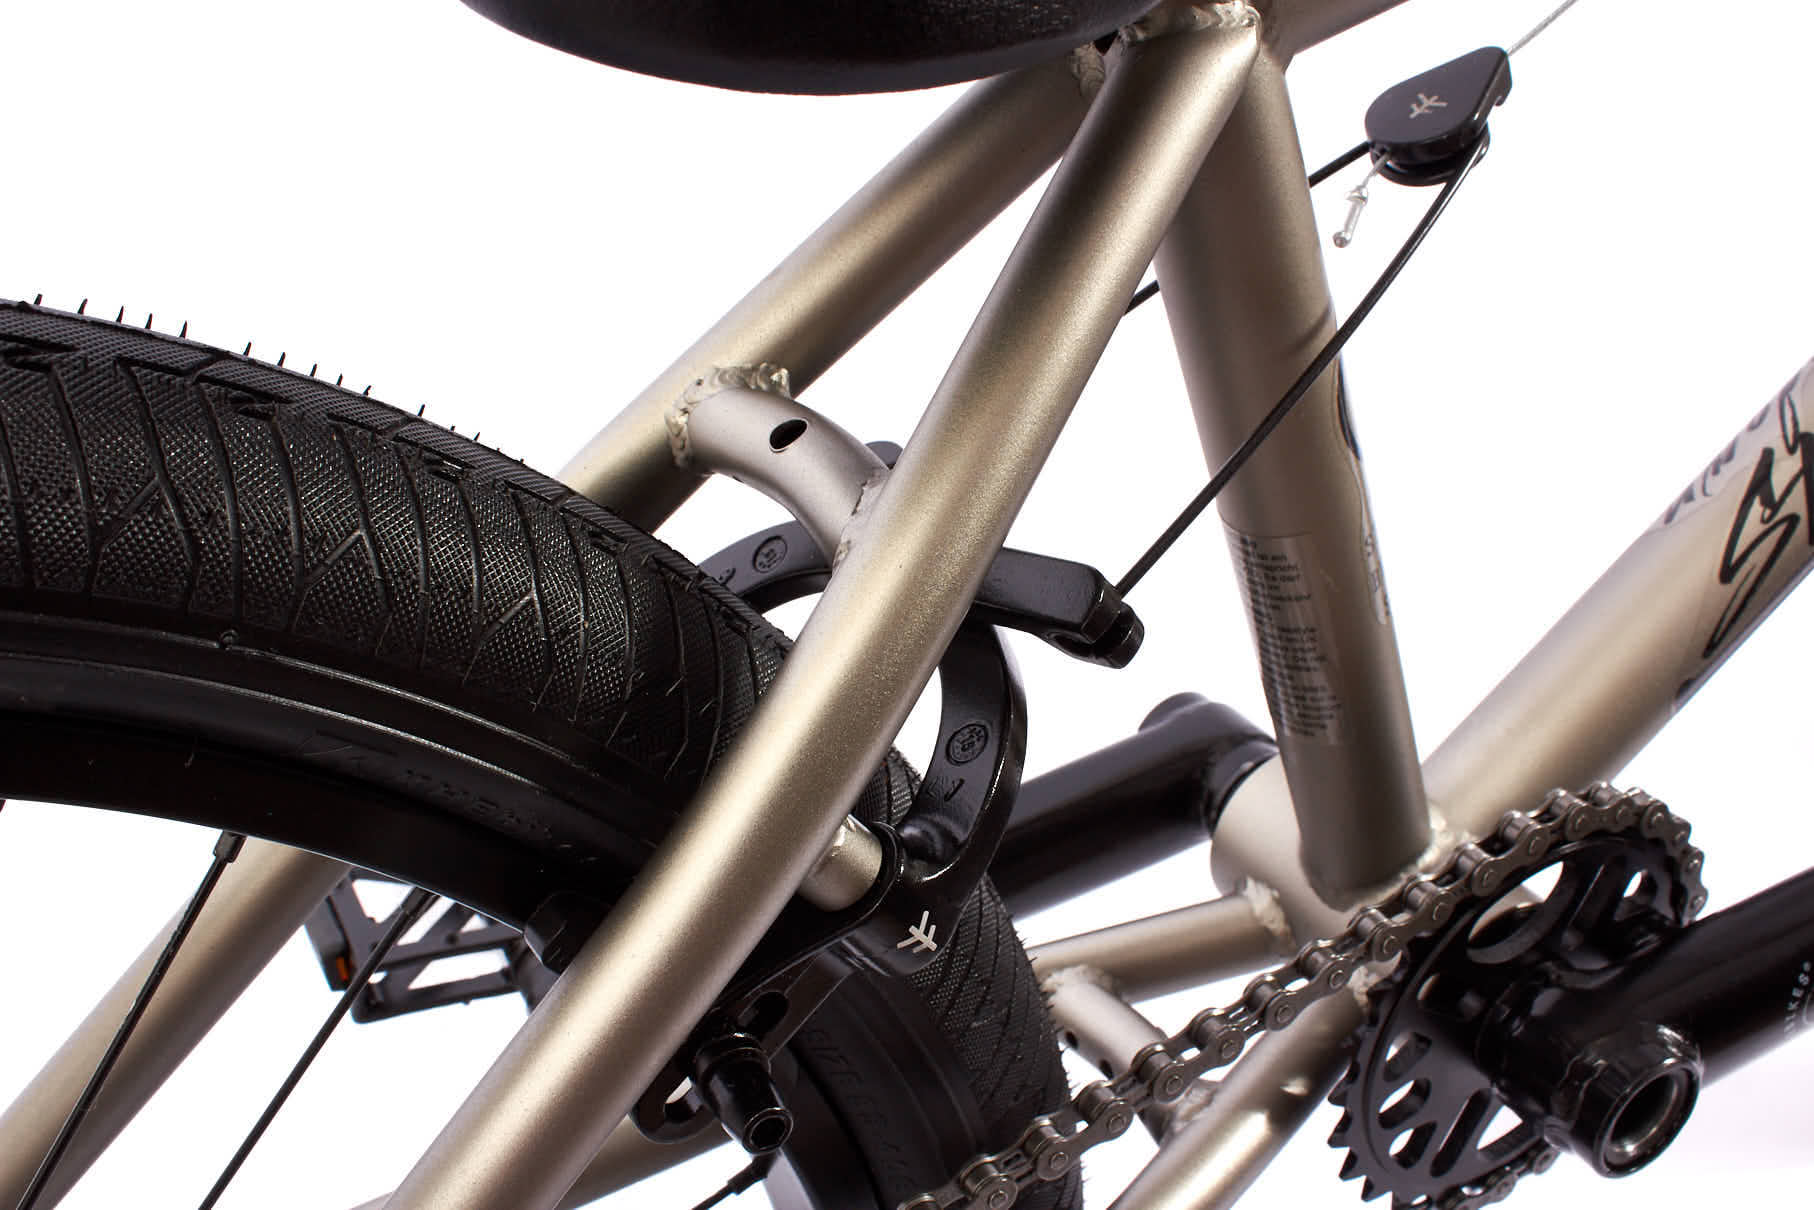 Ein weiteres Highlight ist die U-Brake von Flybikes, die zu dem besten gehört, was der Markt für Bremsen derzeit hergibt